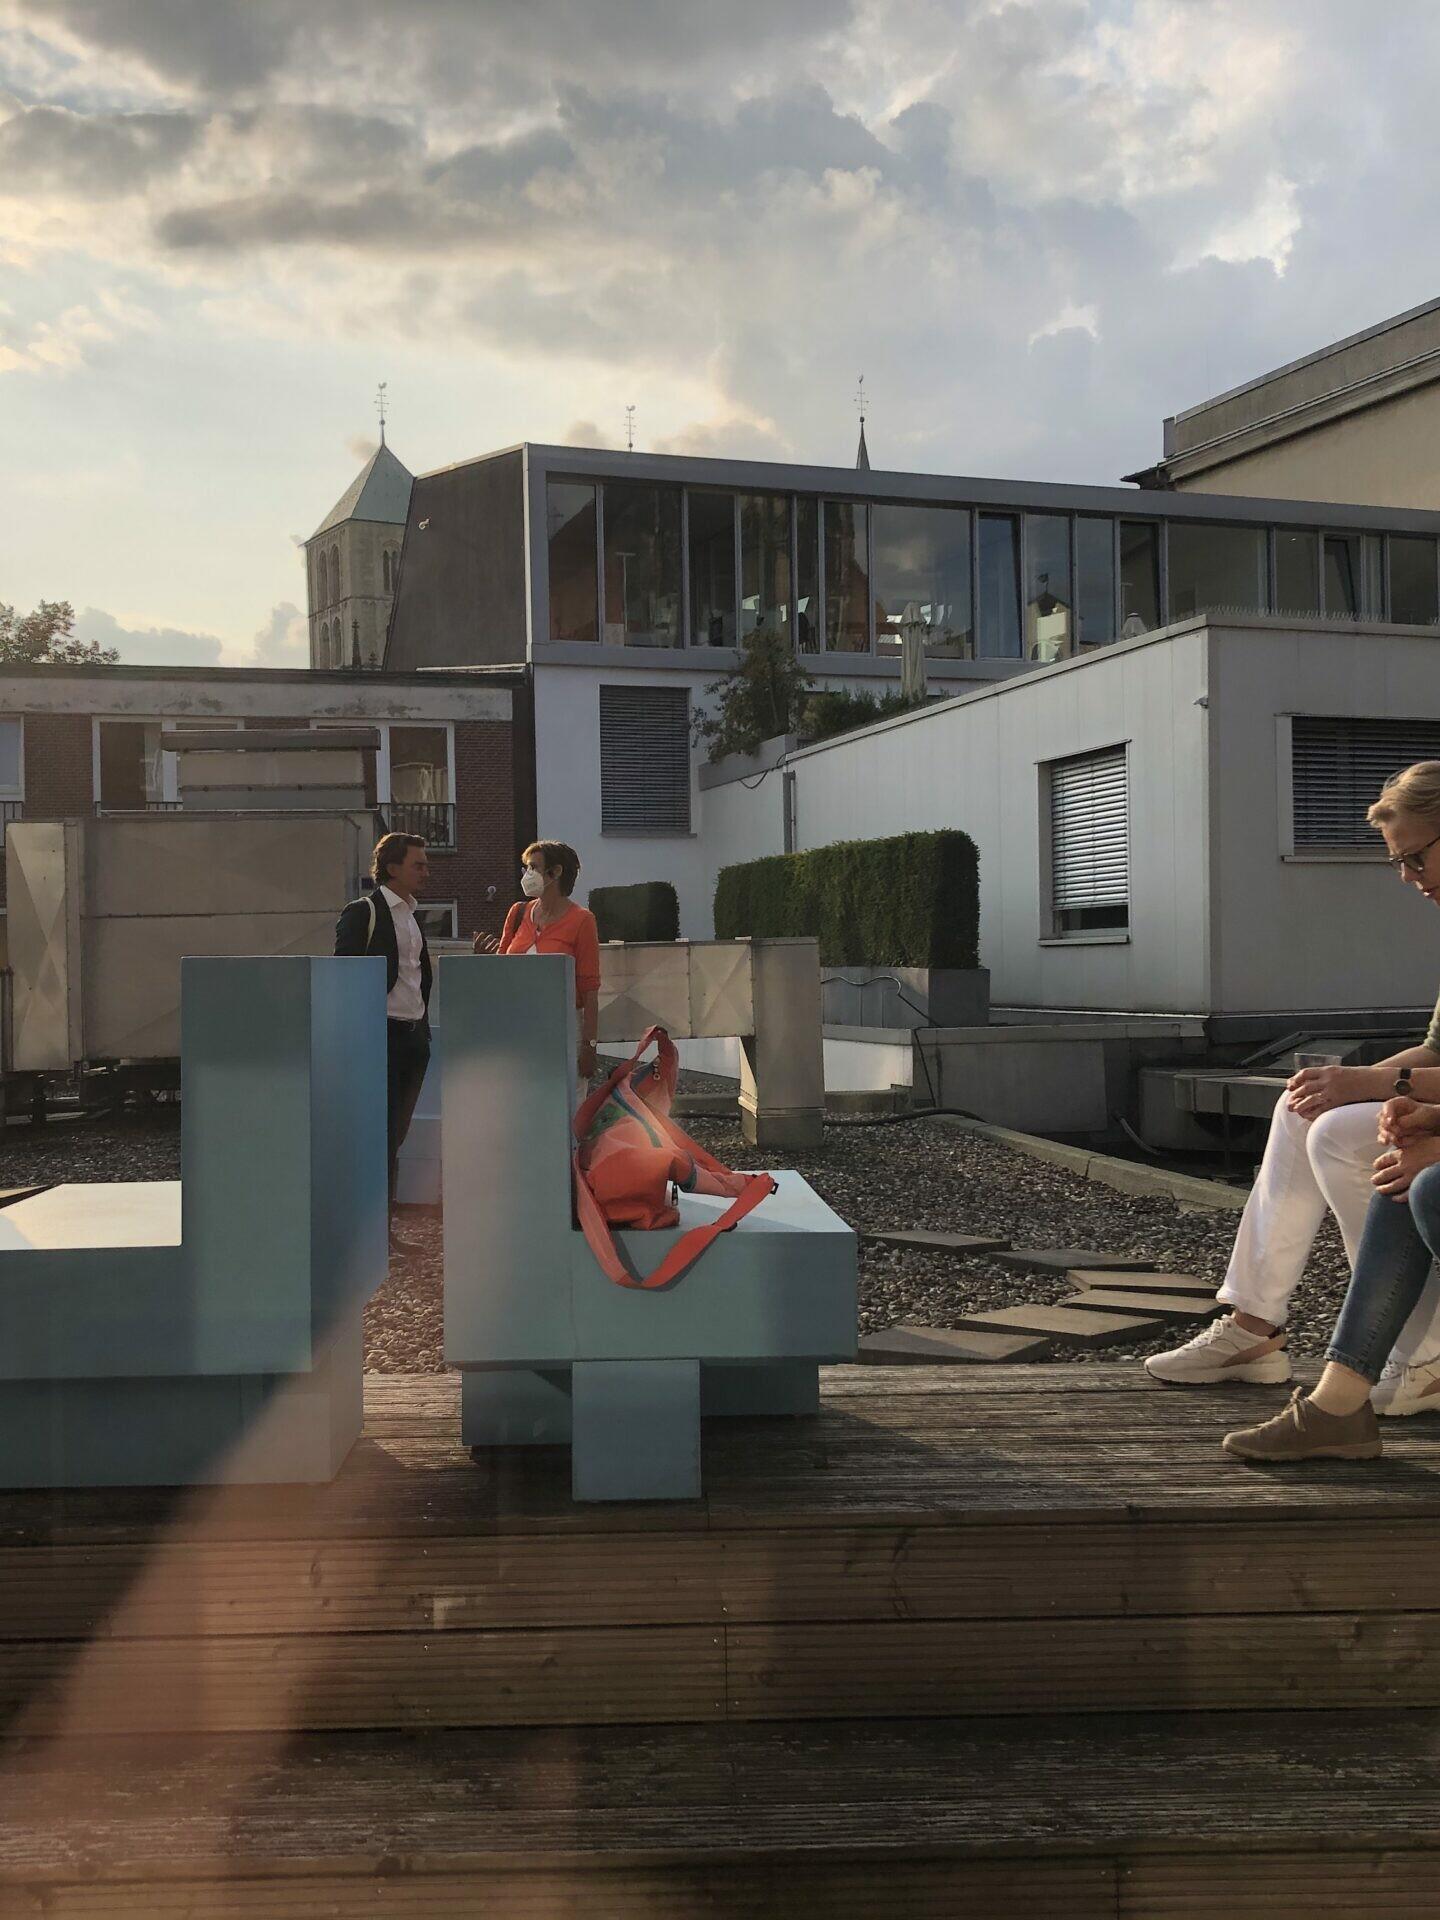 Gespräche über die Stadt: Münster Modell-Rundgang zu verschiedenen Höfen in der Altstadt - Foto: Stefan Rethfeld